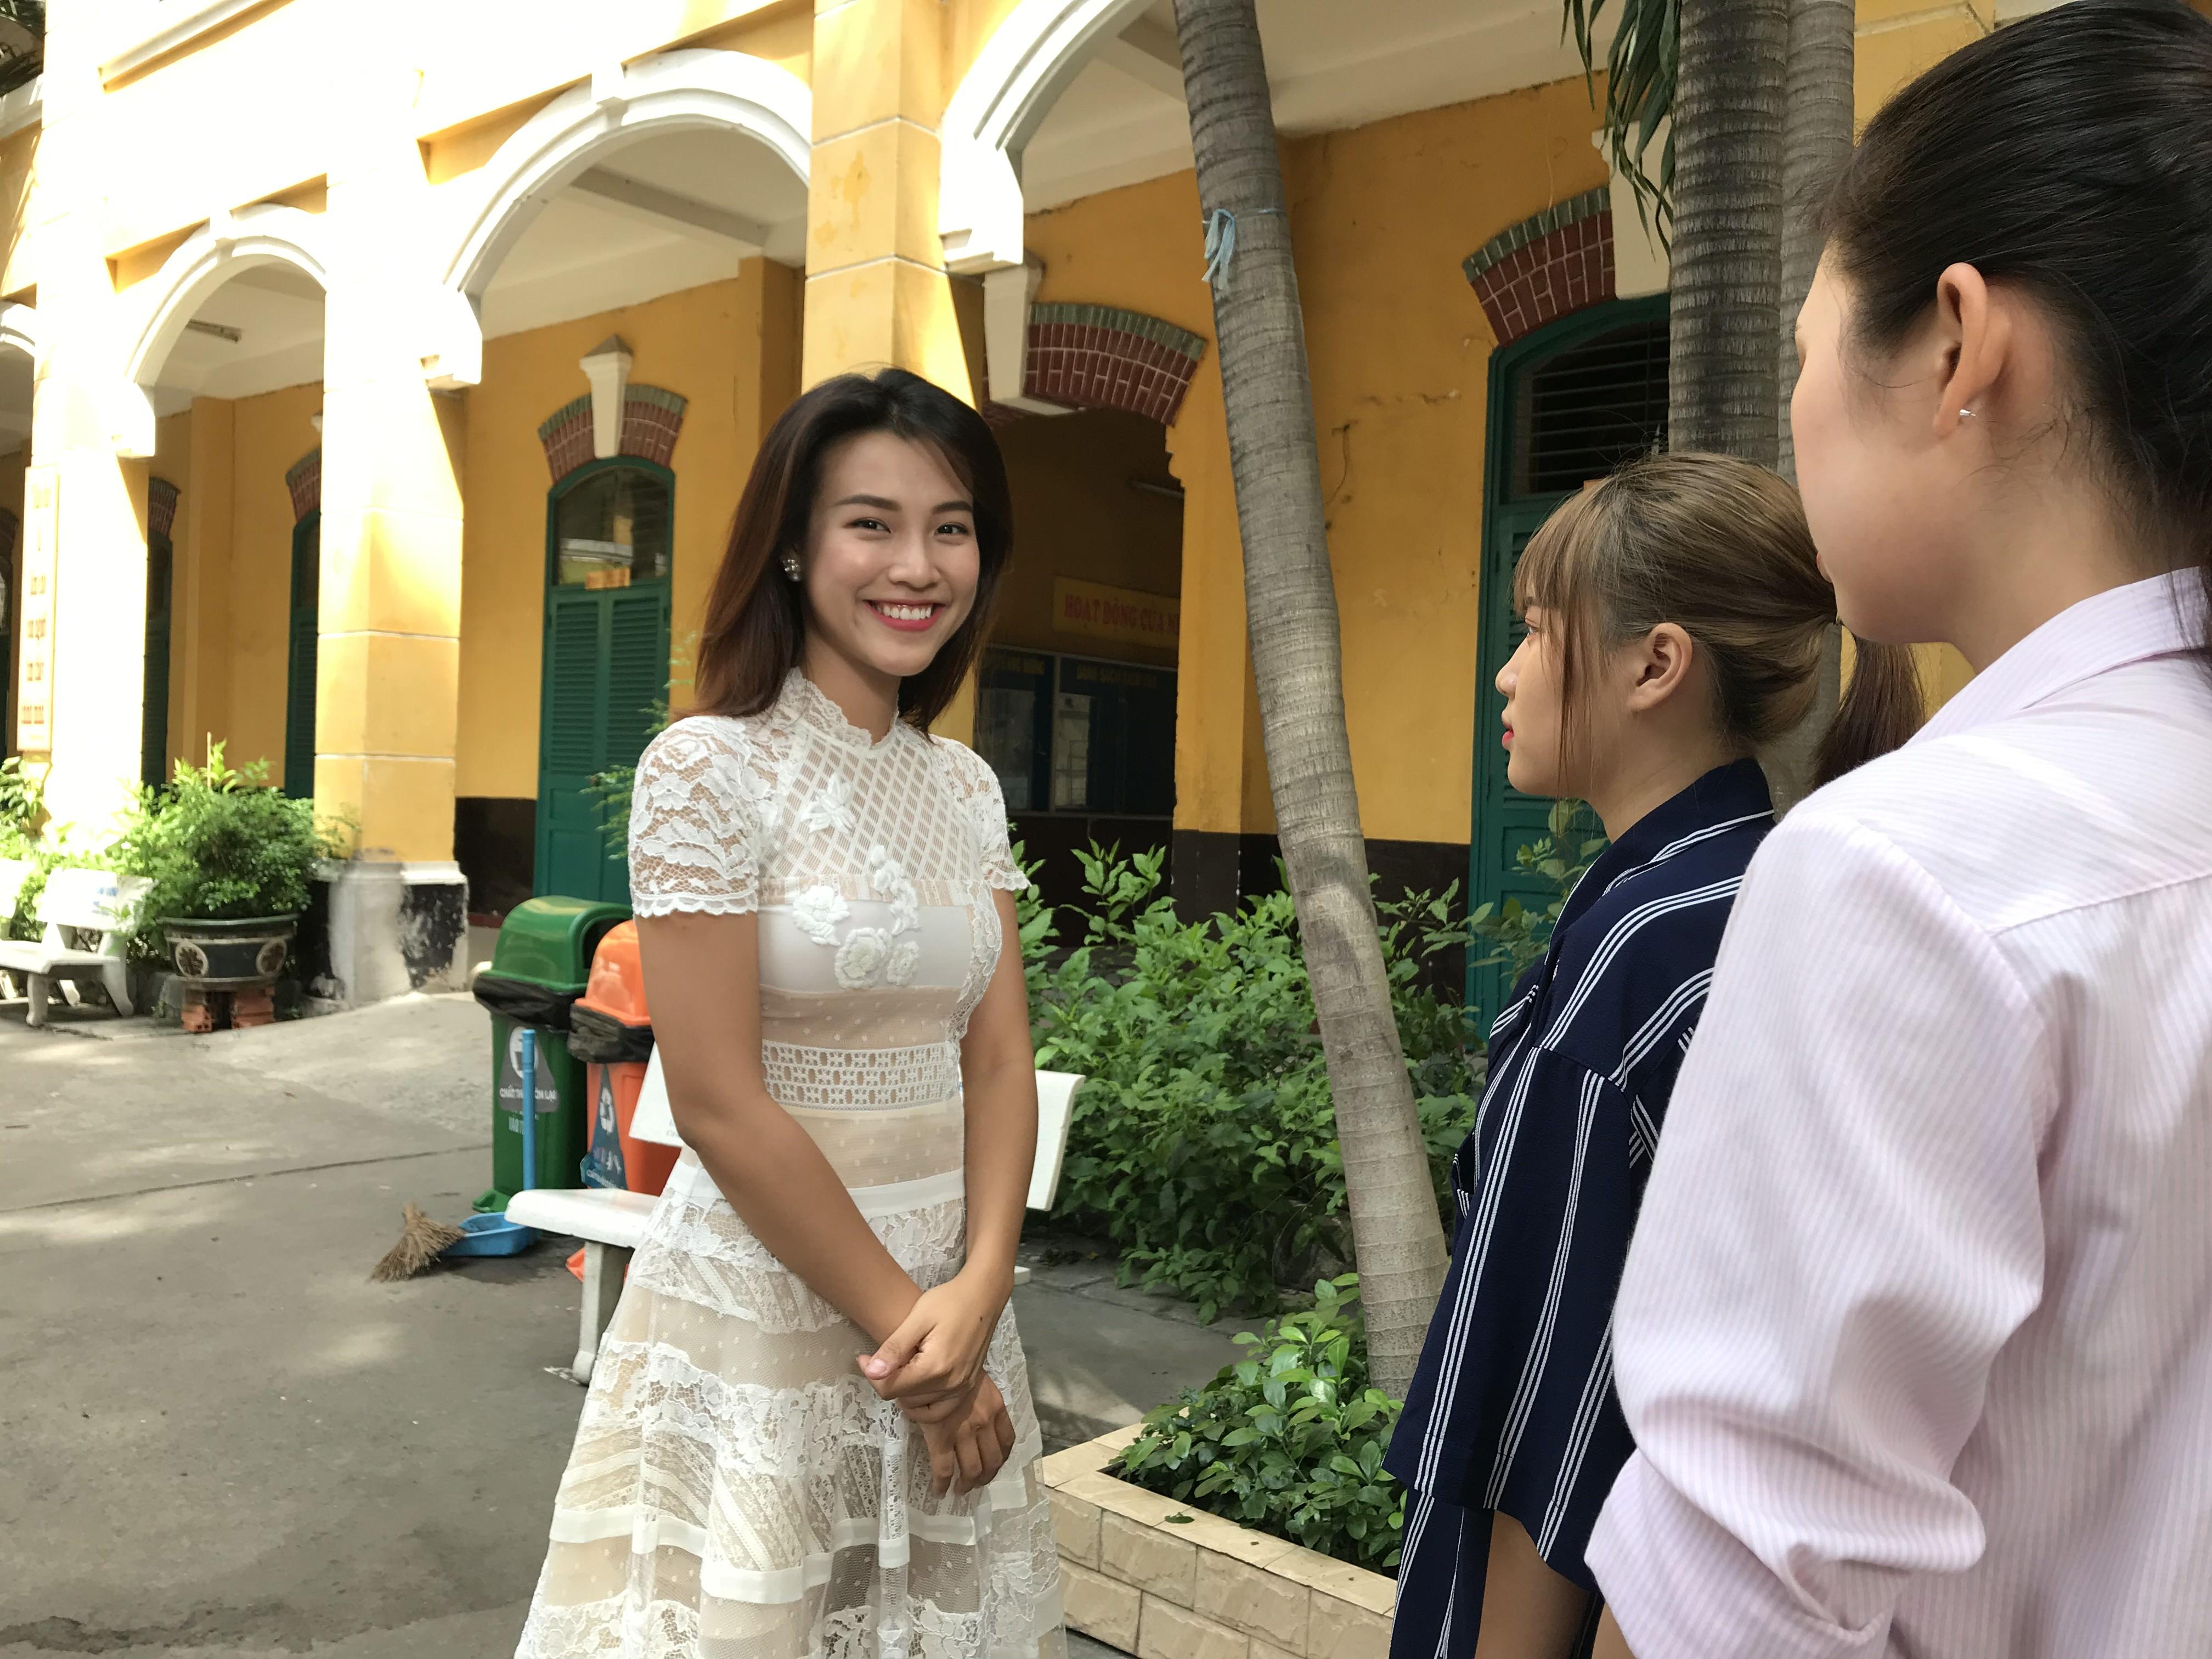 Ca sĩ Ngọc Linh tiết lộ lý do đặc biệt khi tham gia OST Ước hẹn mùa thu